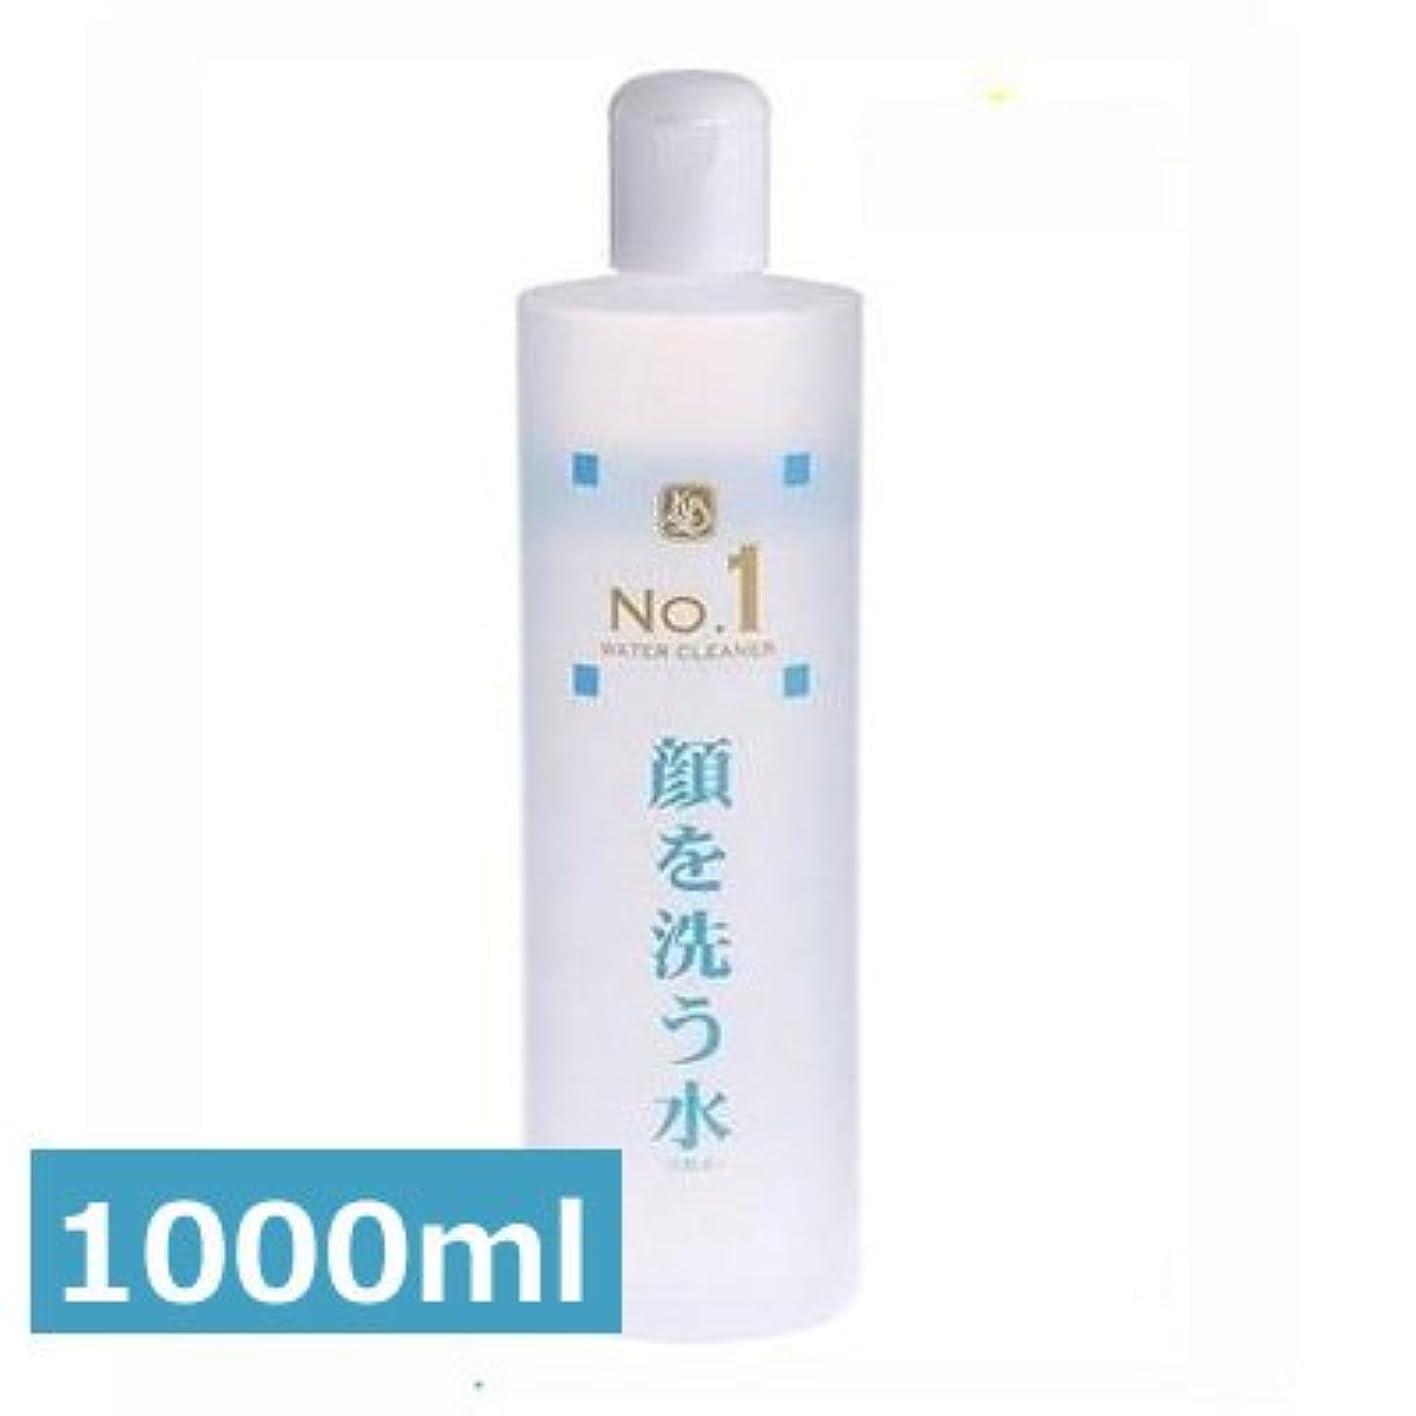 症状法律によりキャラクター顔を洗う水 No.1 1000ml×2本